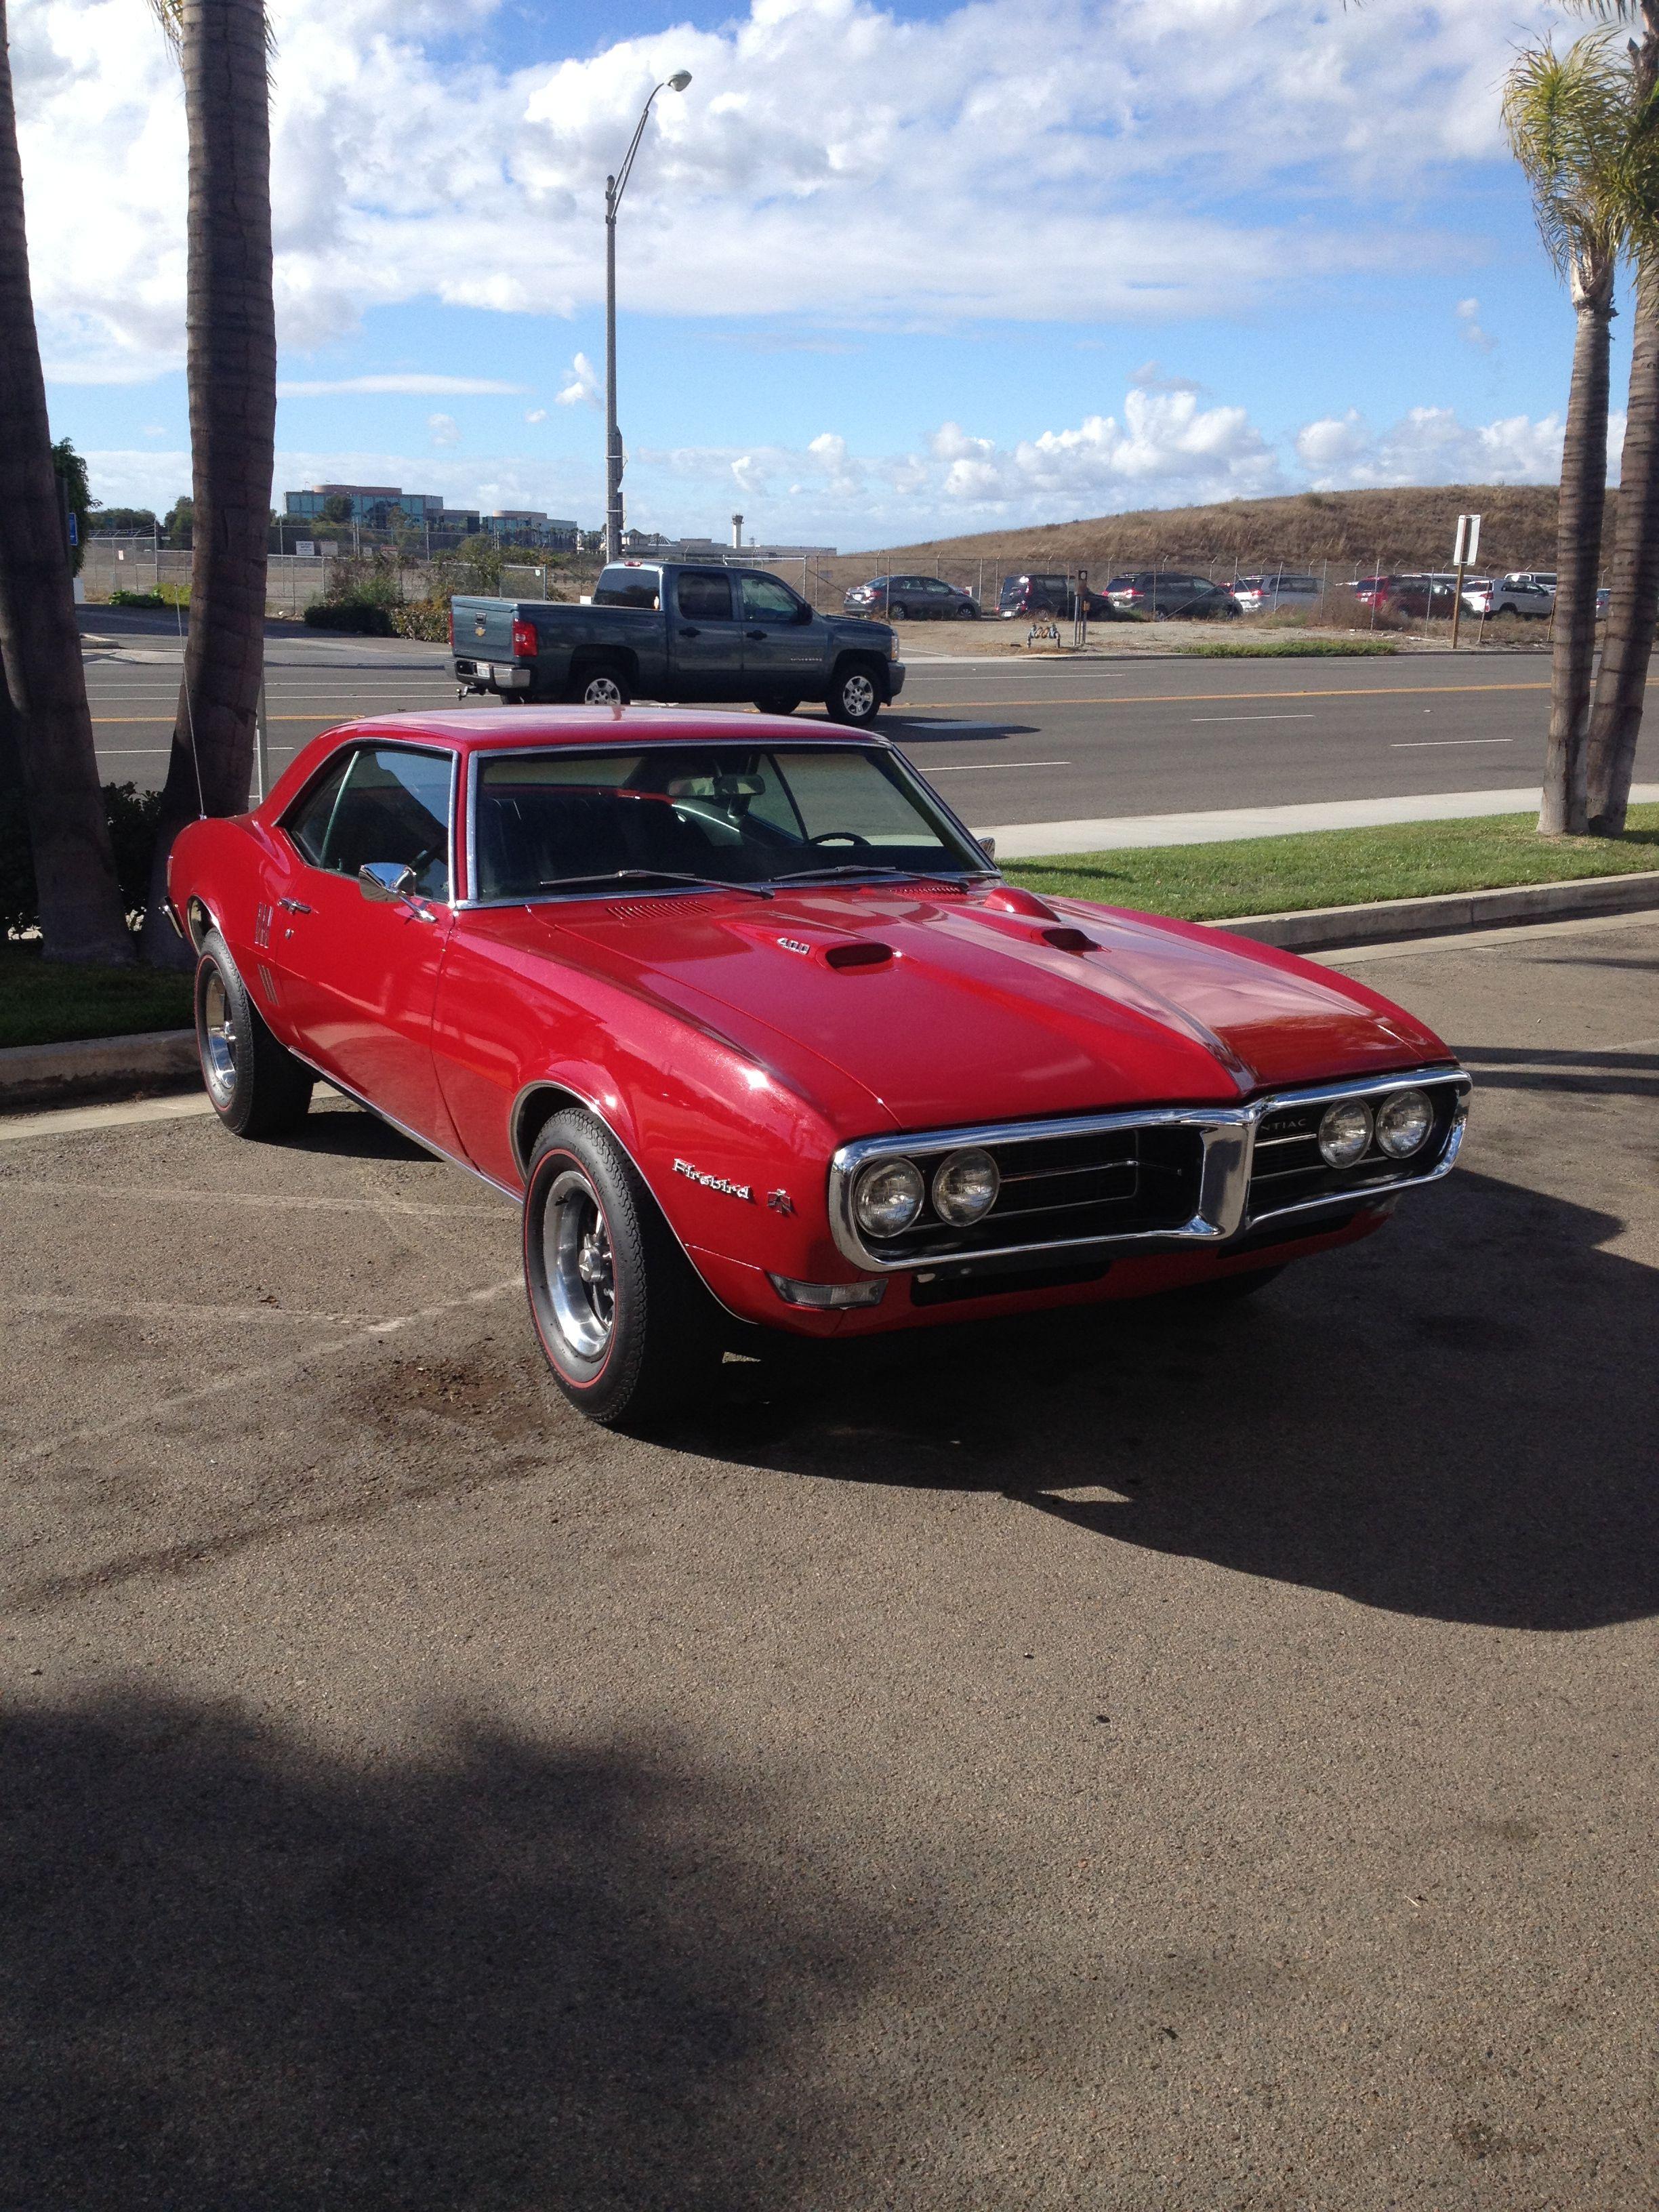 One of our customers 1968 Pontiac Firebirds. Pontiac